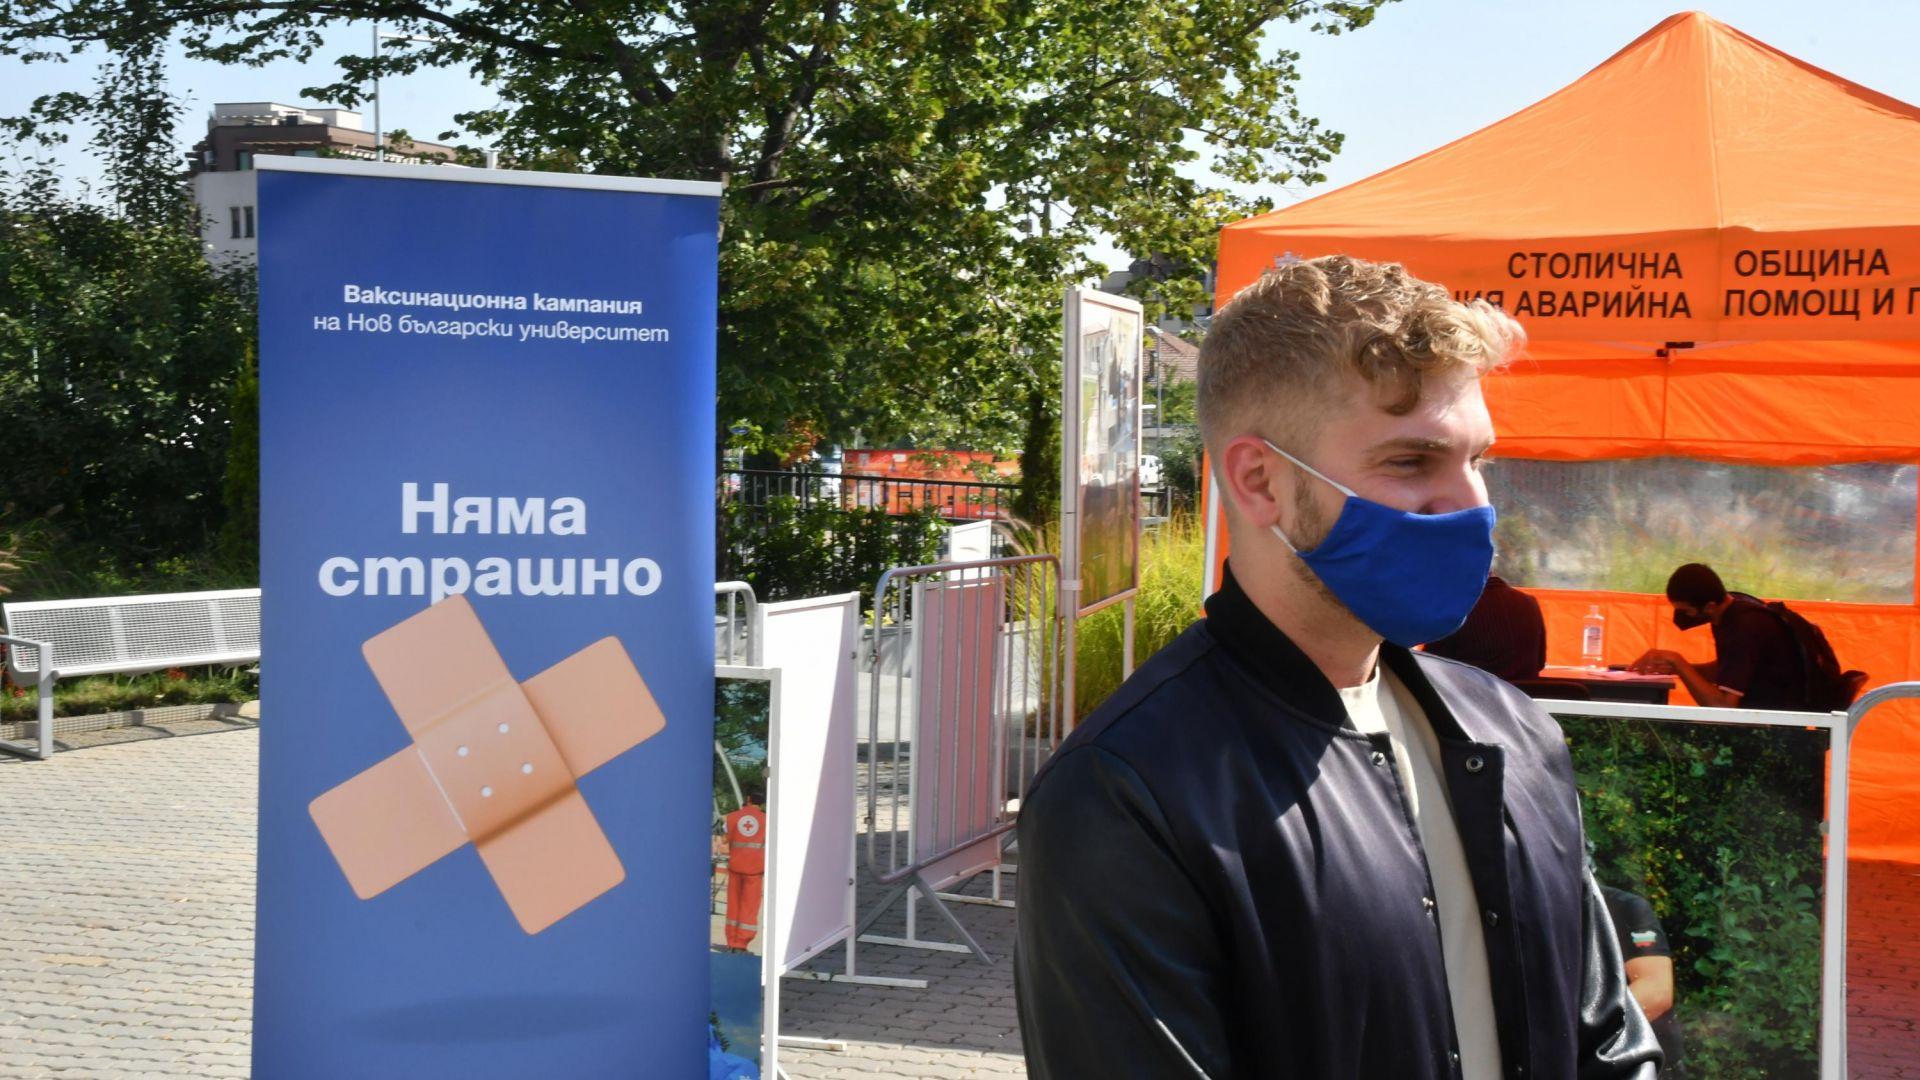 """""""Няма страшно"""": Откриха ваксинационен пункт в НБУ (снимки)"""